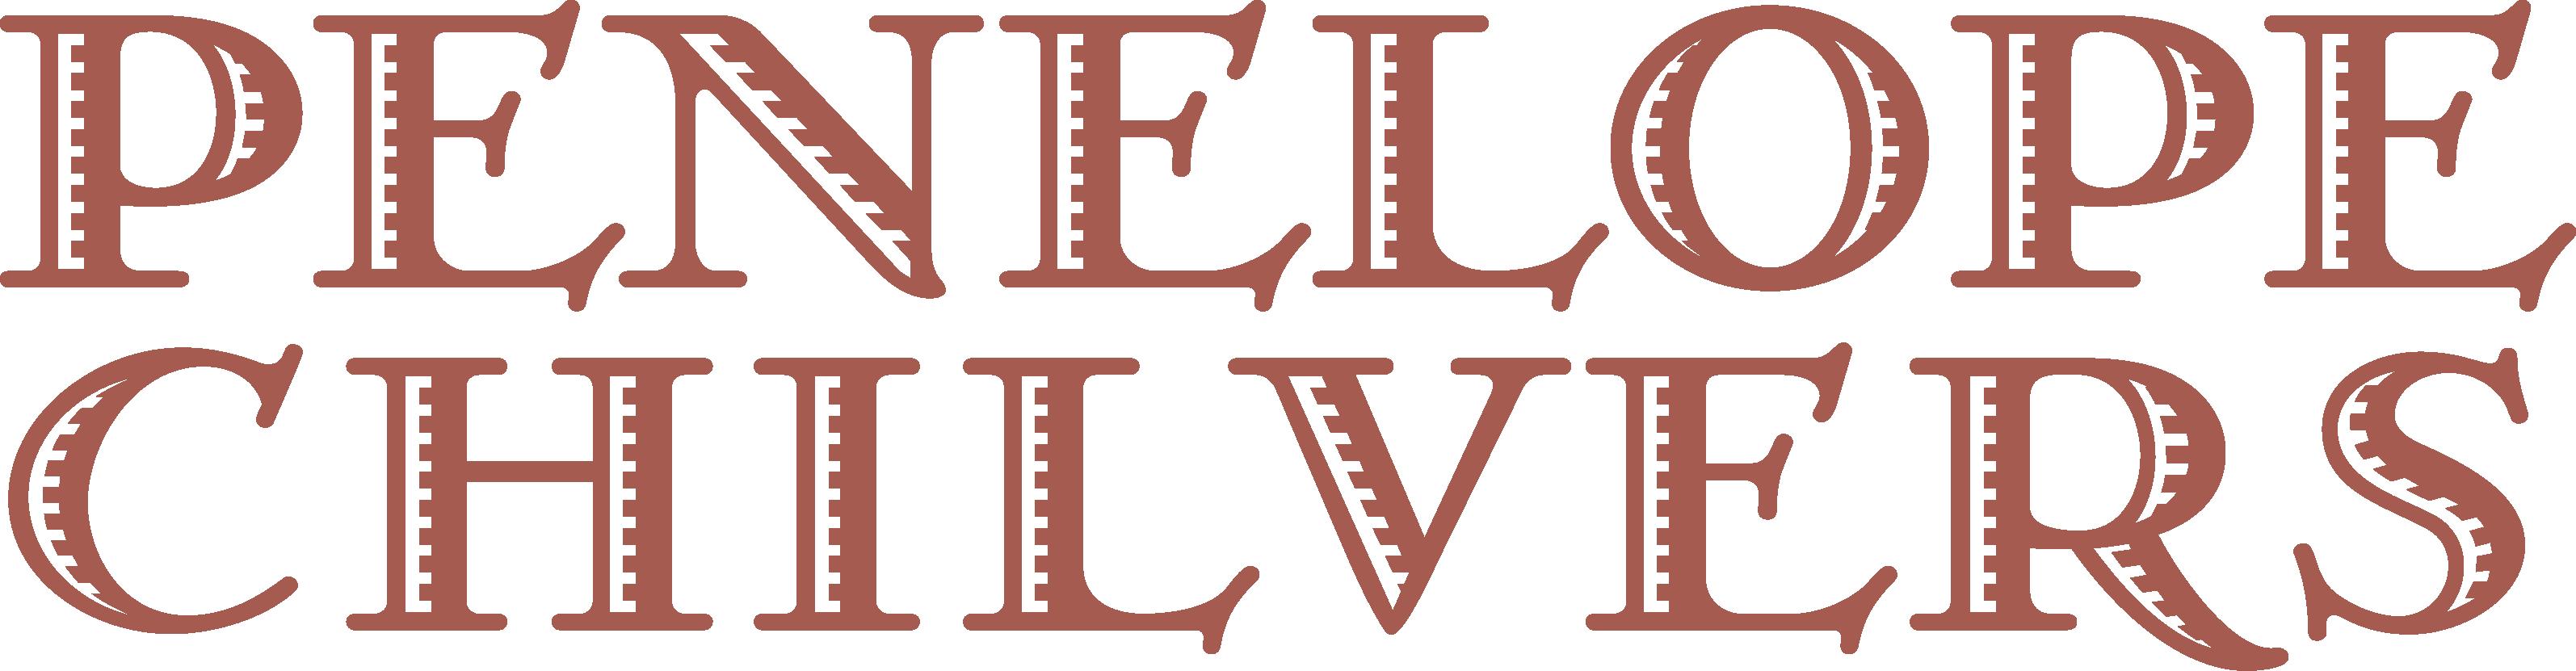 W_BEL_VEL_AW18